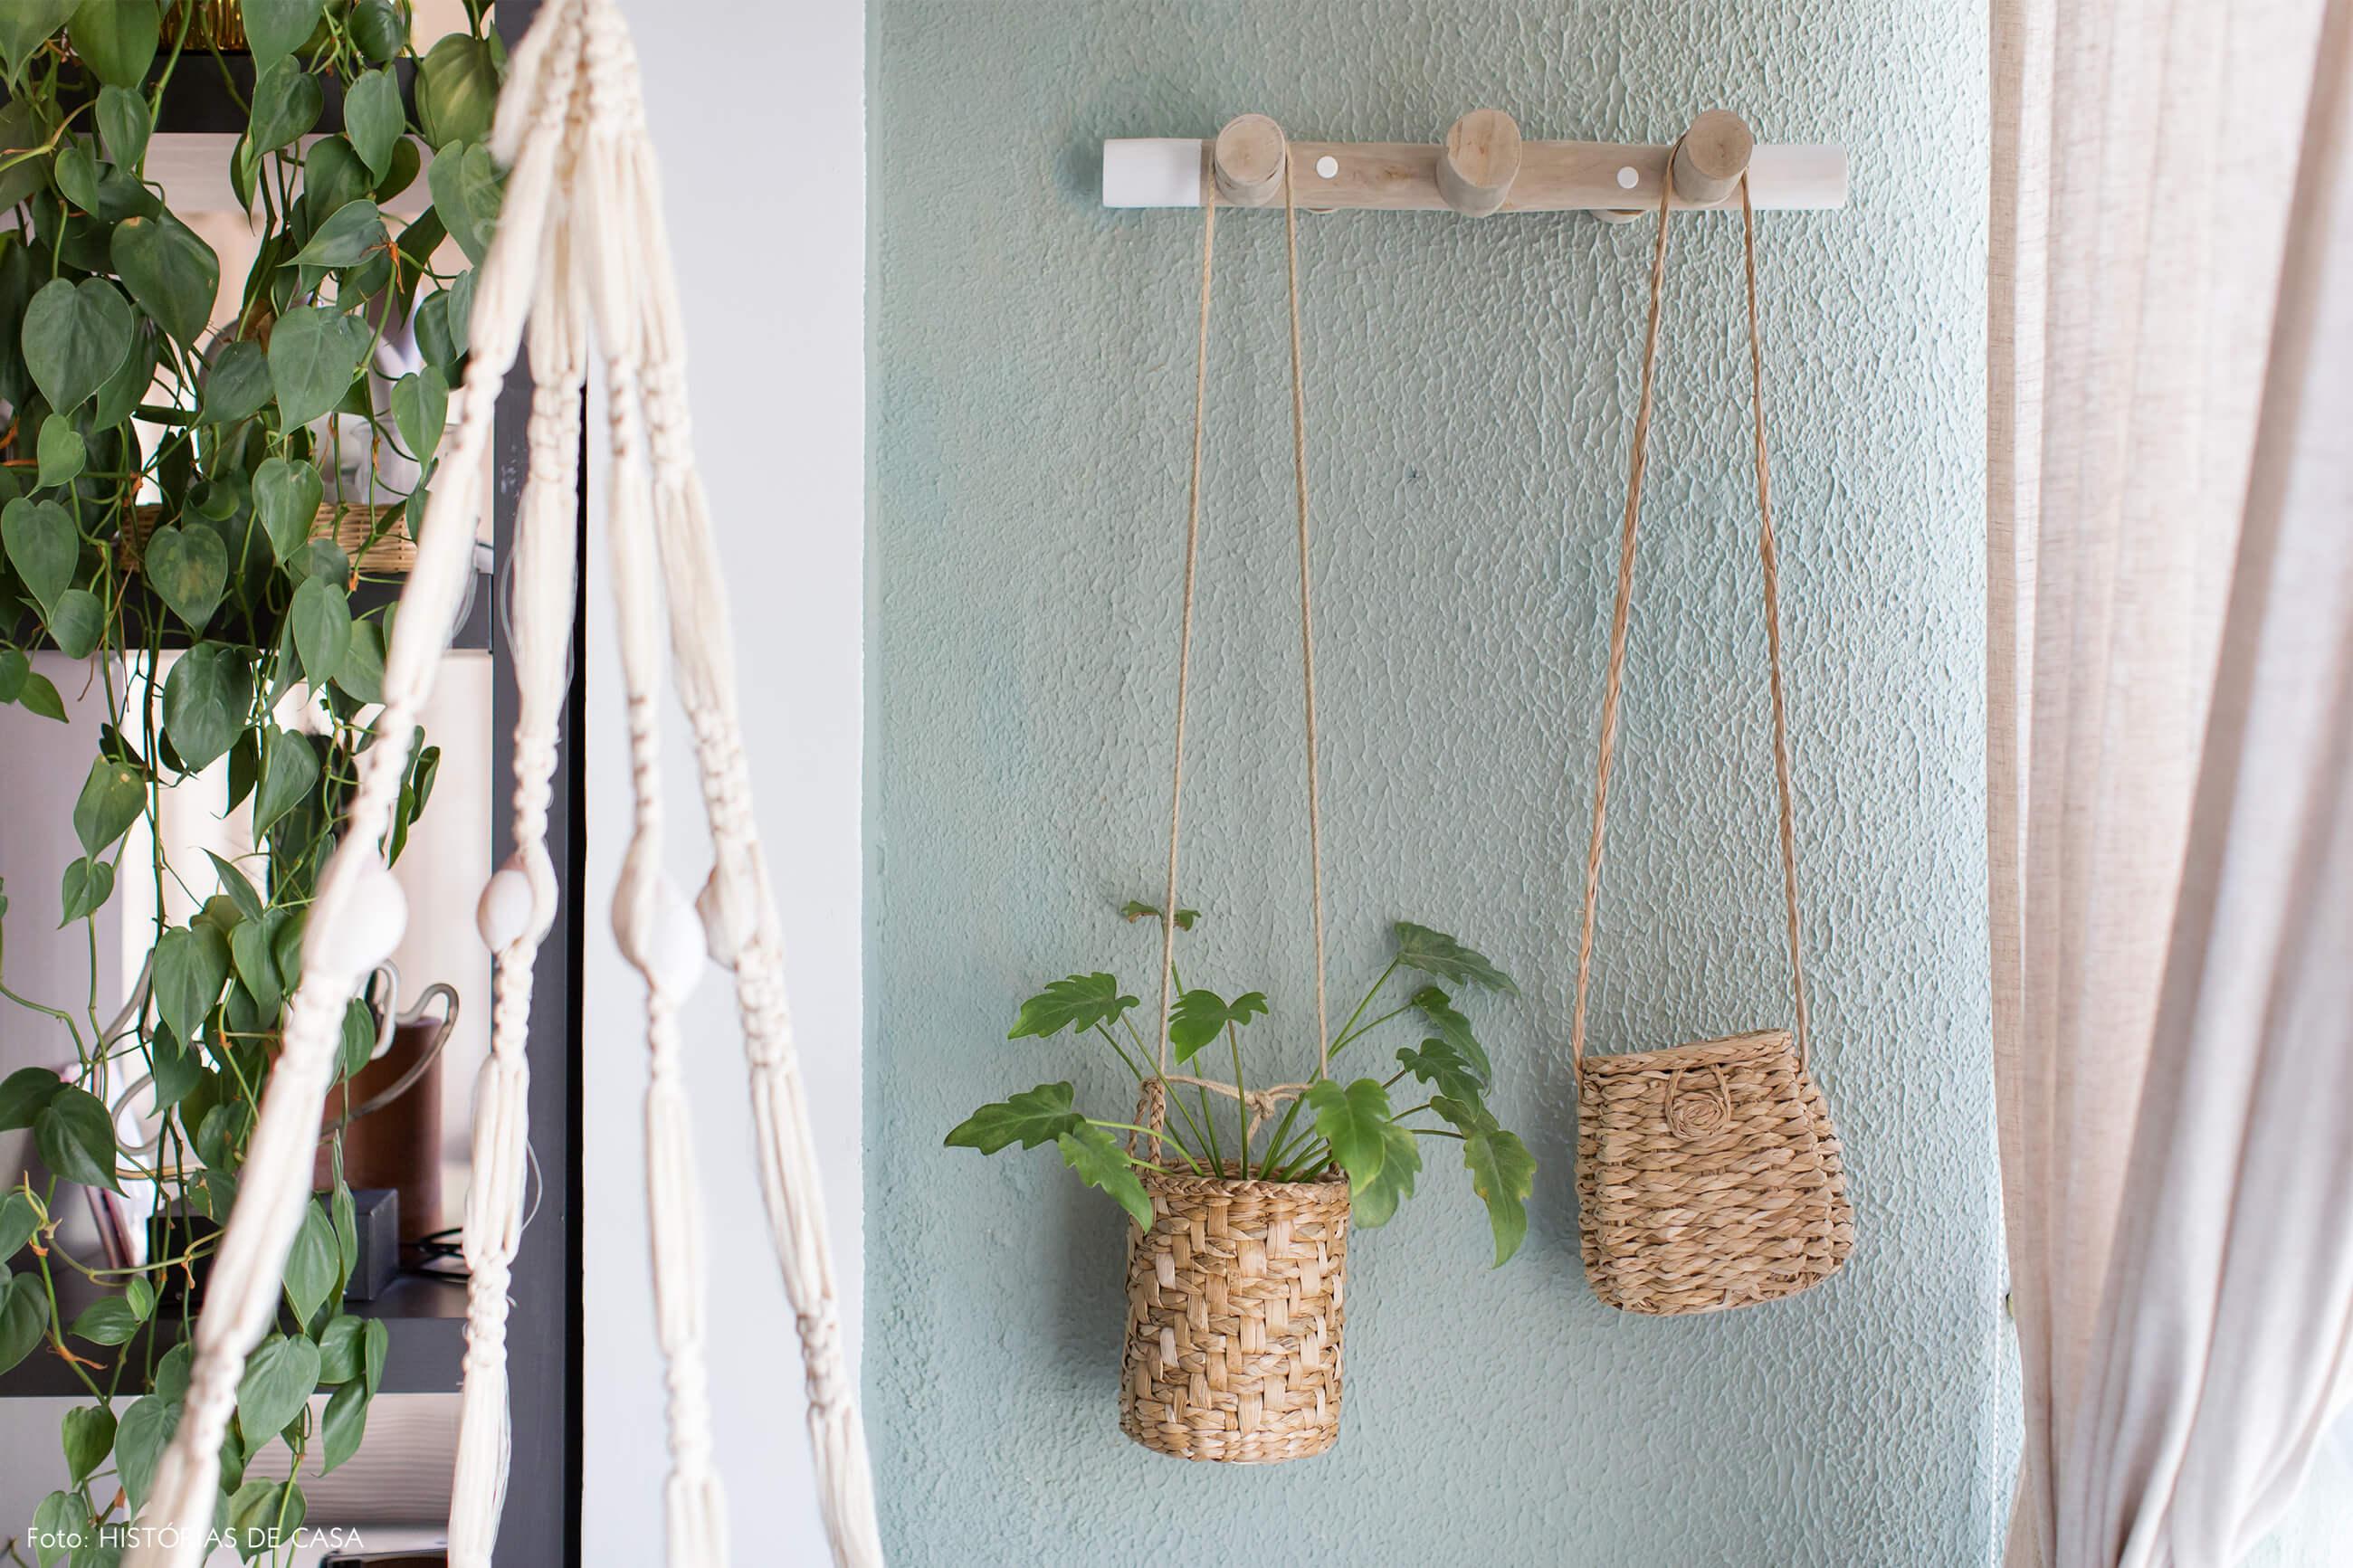 ju-cosi-decoração-parede-auzl-e-macrame-com-prateleira-de-madeira